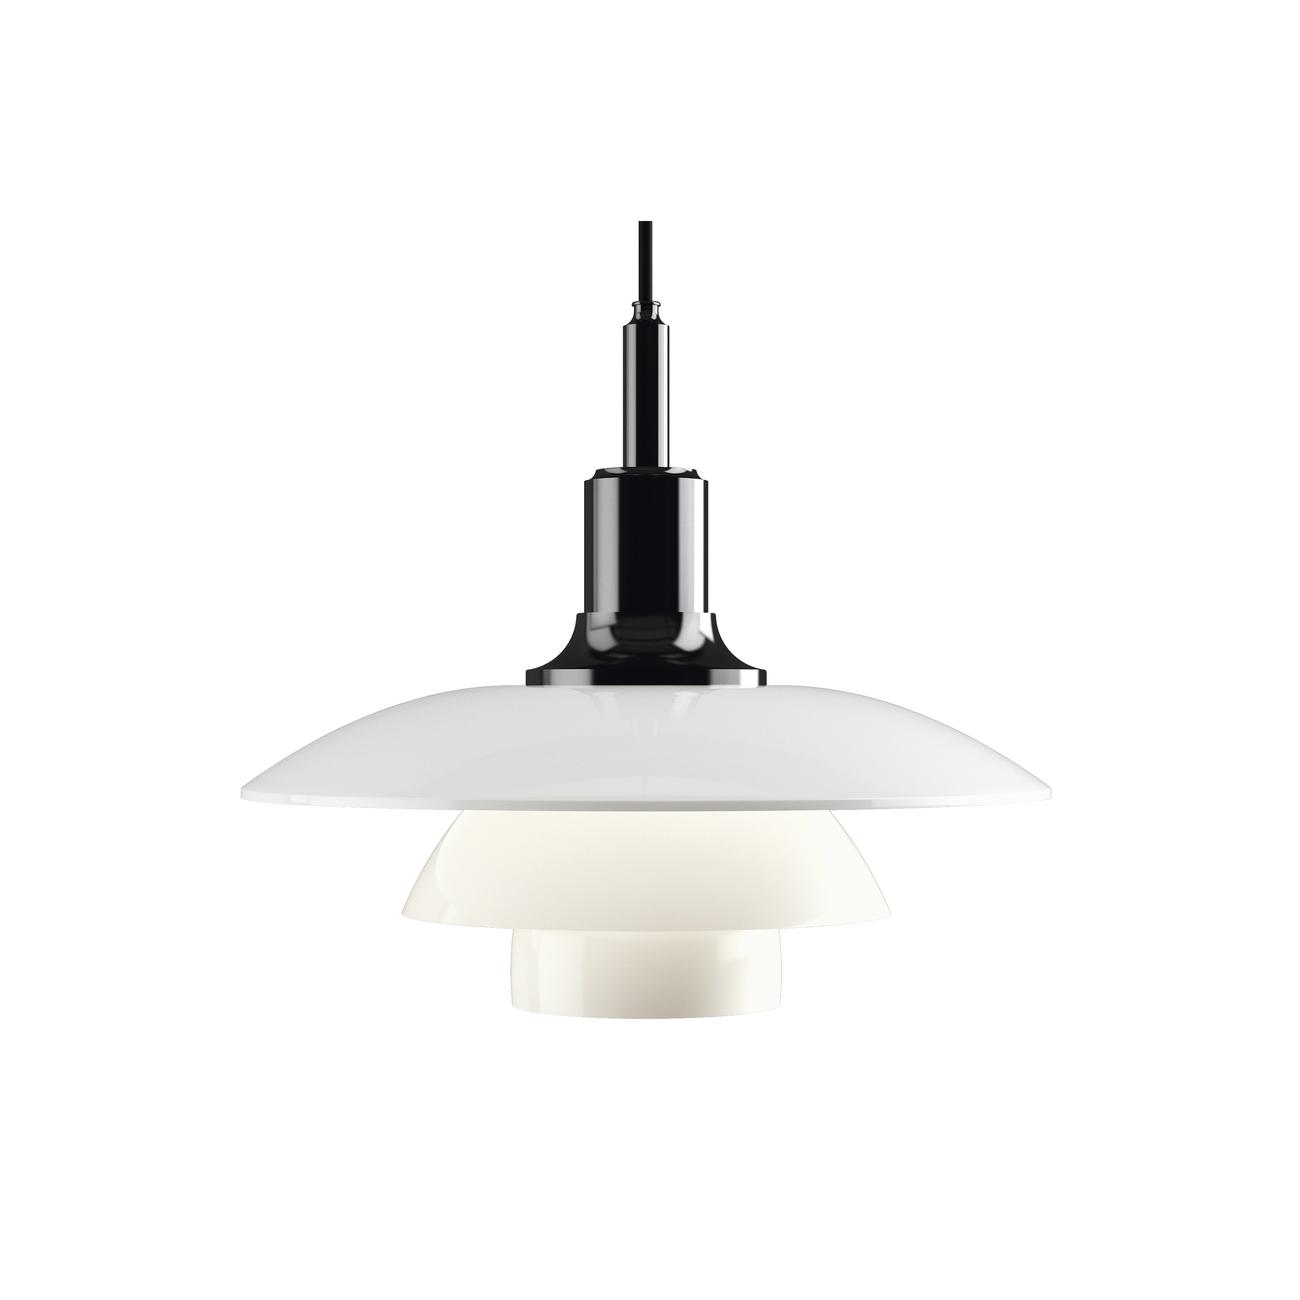 Louis Poulsen 3 1/2 - 3 Glas Hanglamp-Zwart